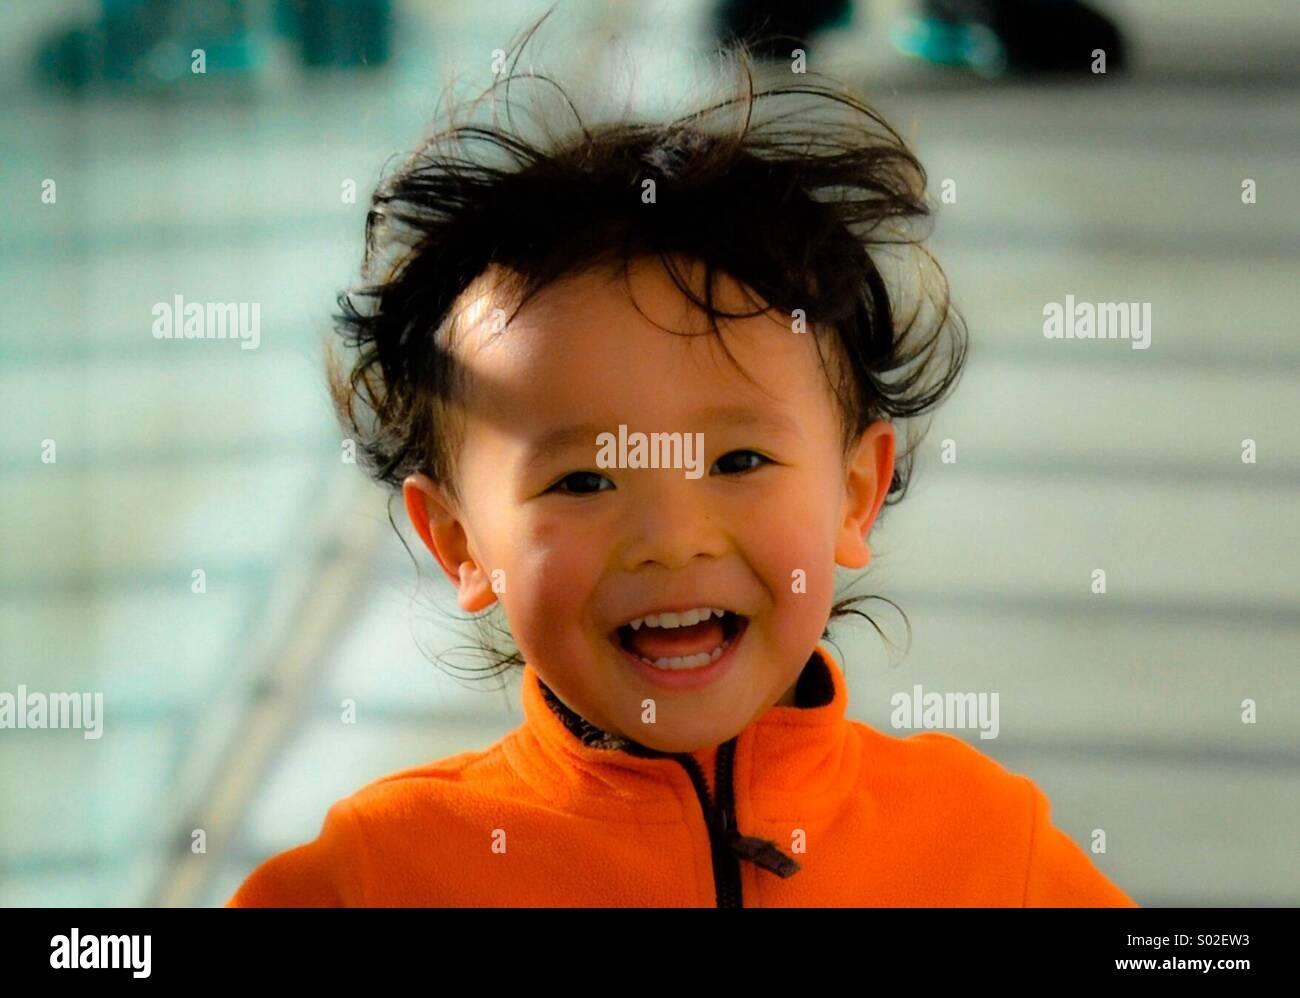 3 jährige Luis S. In Japan läuft und Lough wile schaut in die Kamera im Rinkaekoen Park in Tokio. Foto Stockbild